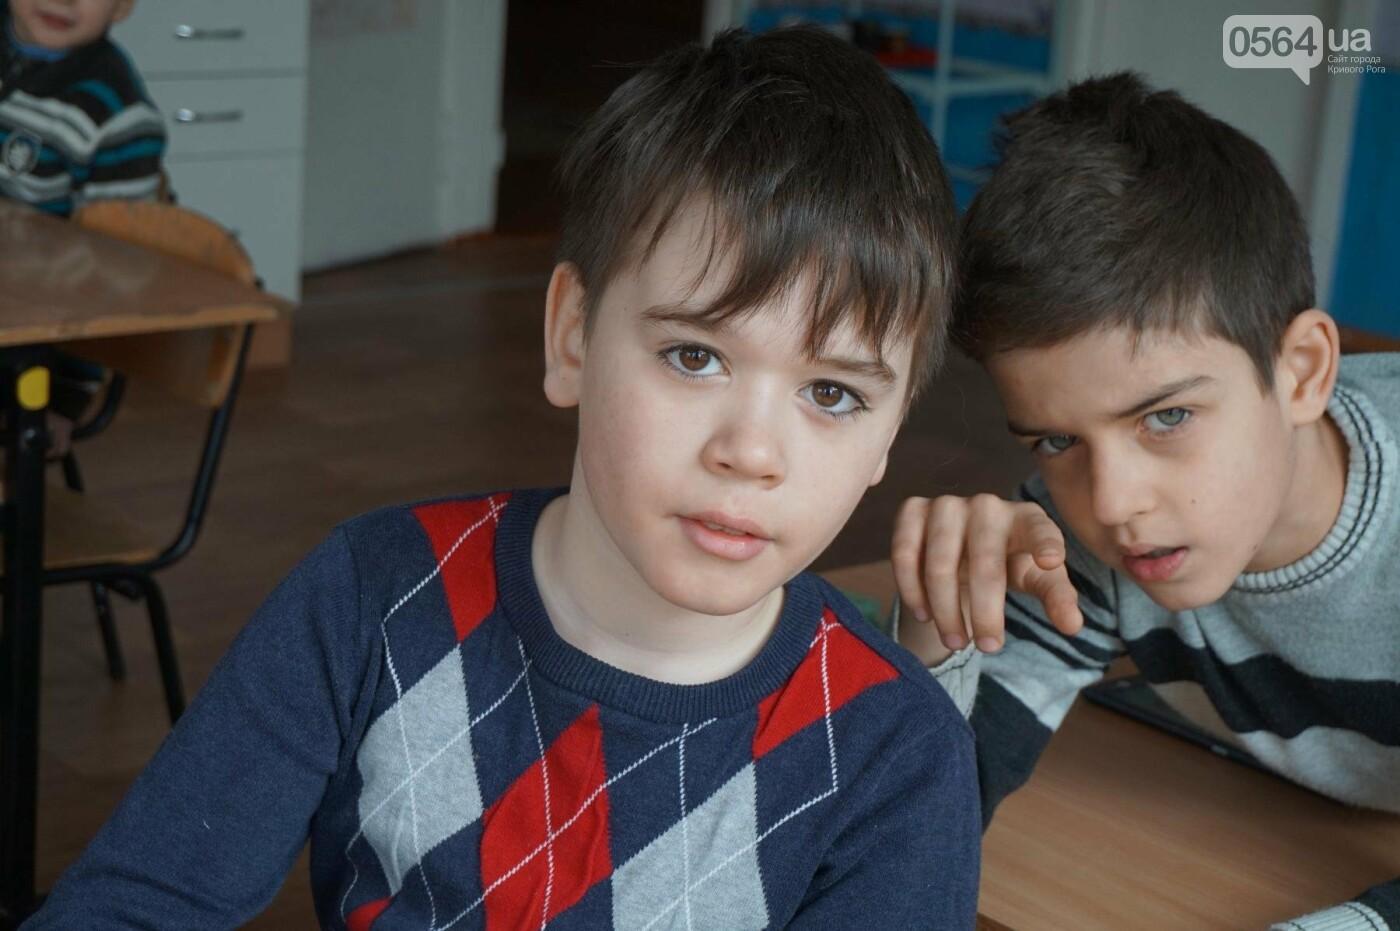 Приближаясь к Европе: Как в школах Кривого Рога внедряют инклюзию (ФОТО), фото-14